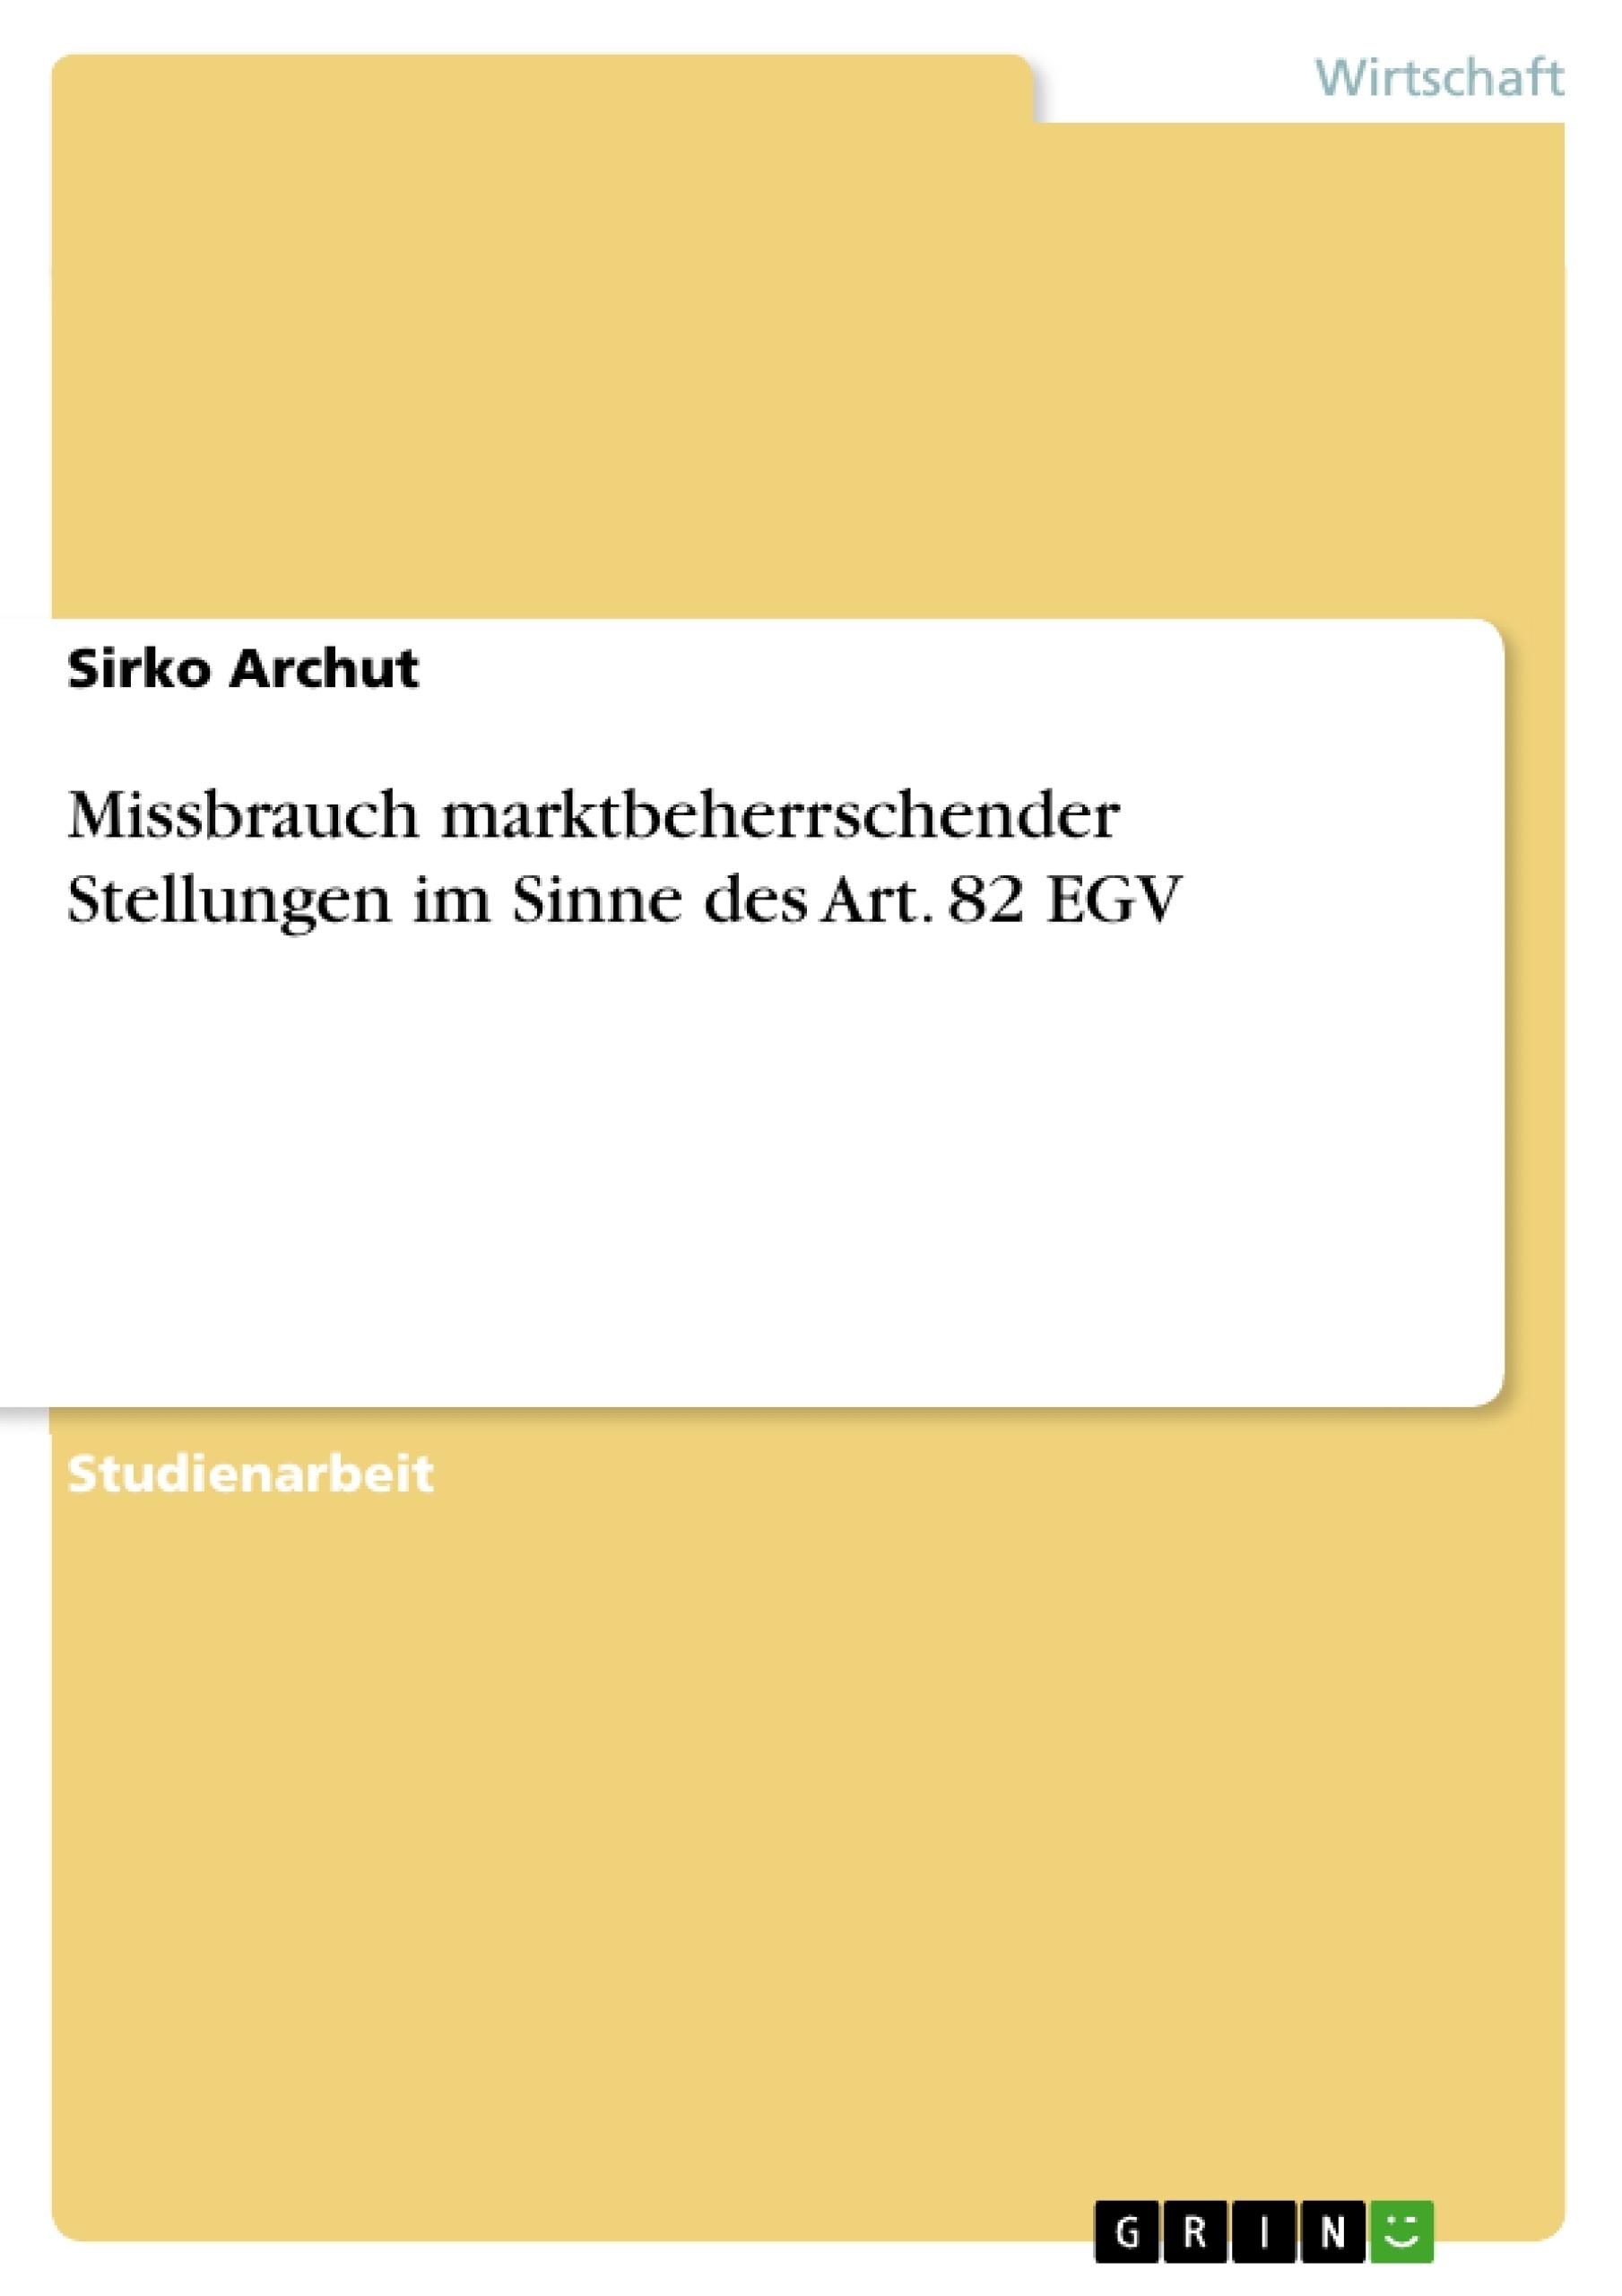 Titel: Missbrauch marktbeherrschender Stellungen im Sinne des Art. 82 EGV